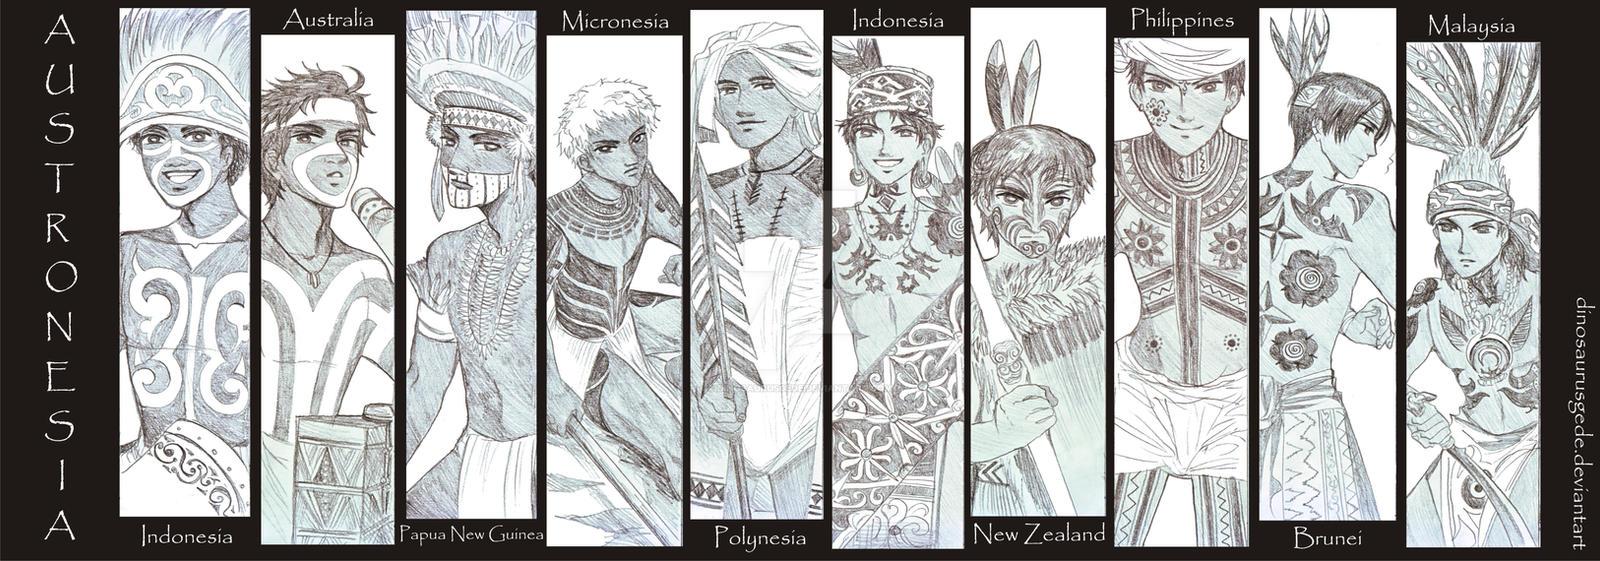 Austronesia Hetalia Ocs Tattoo By Dinosaurusgede On Deviantart